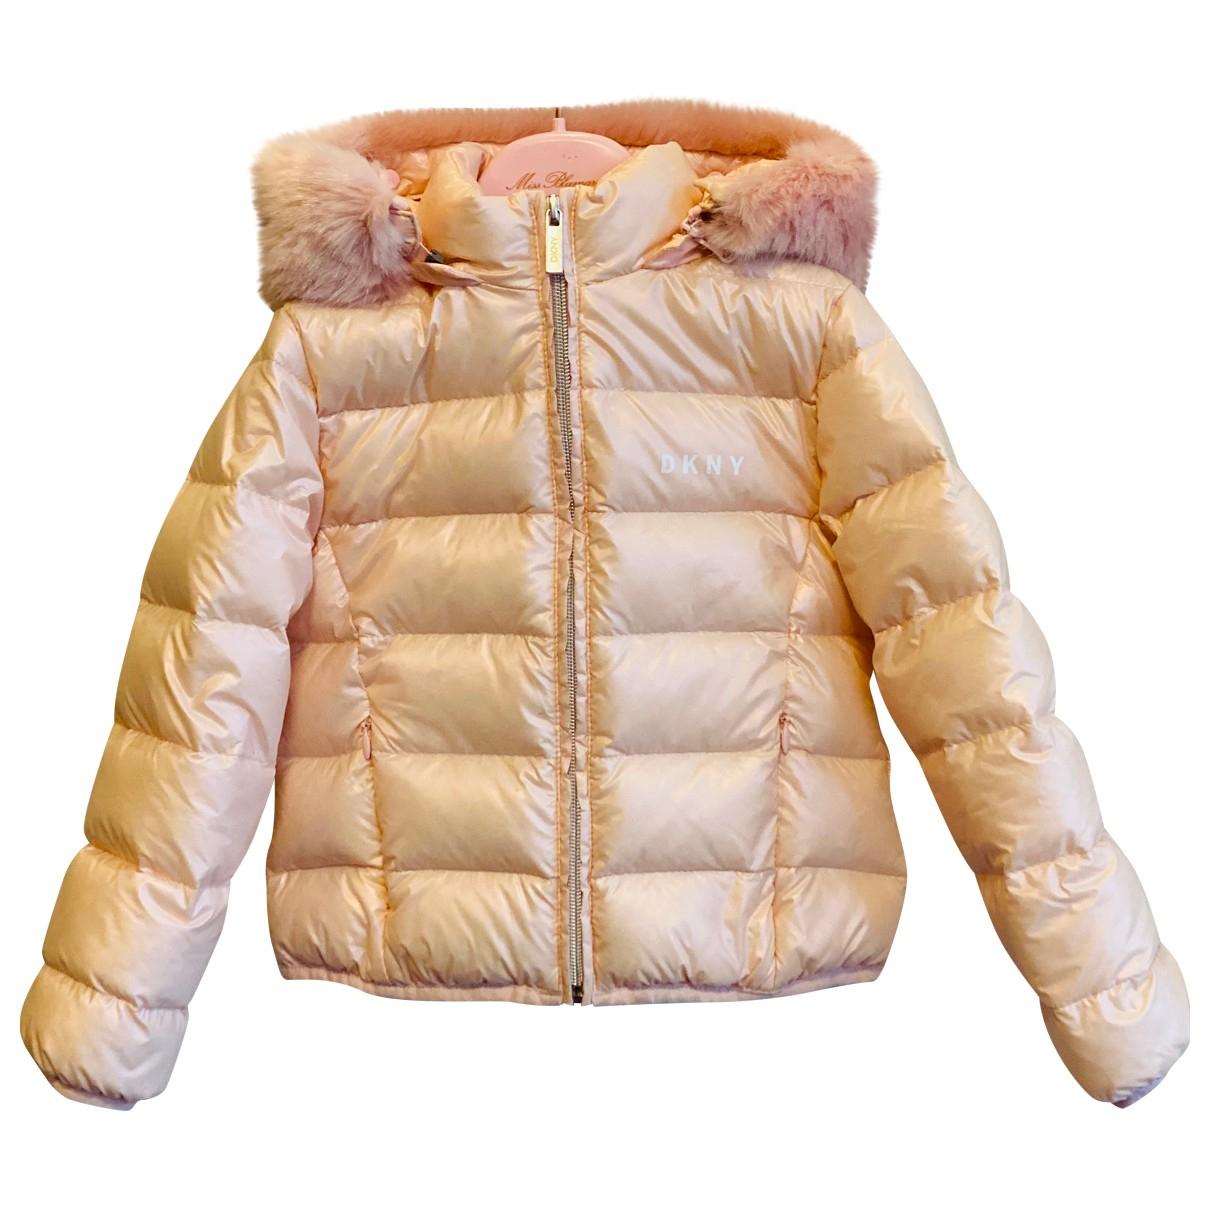 Dkny - Blousons.Manteaux   pour enfant - rose